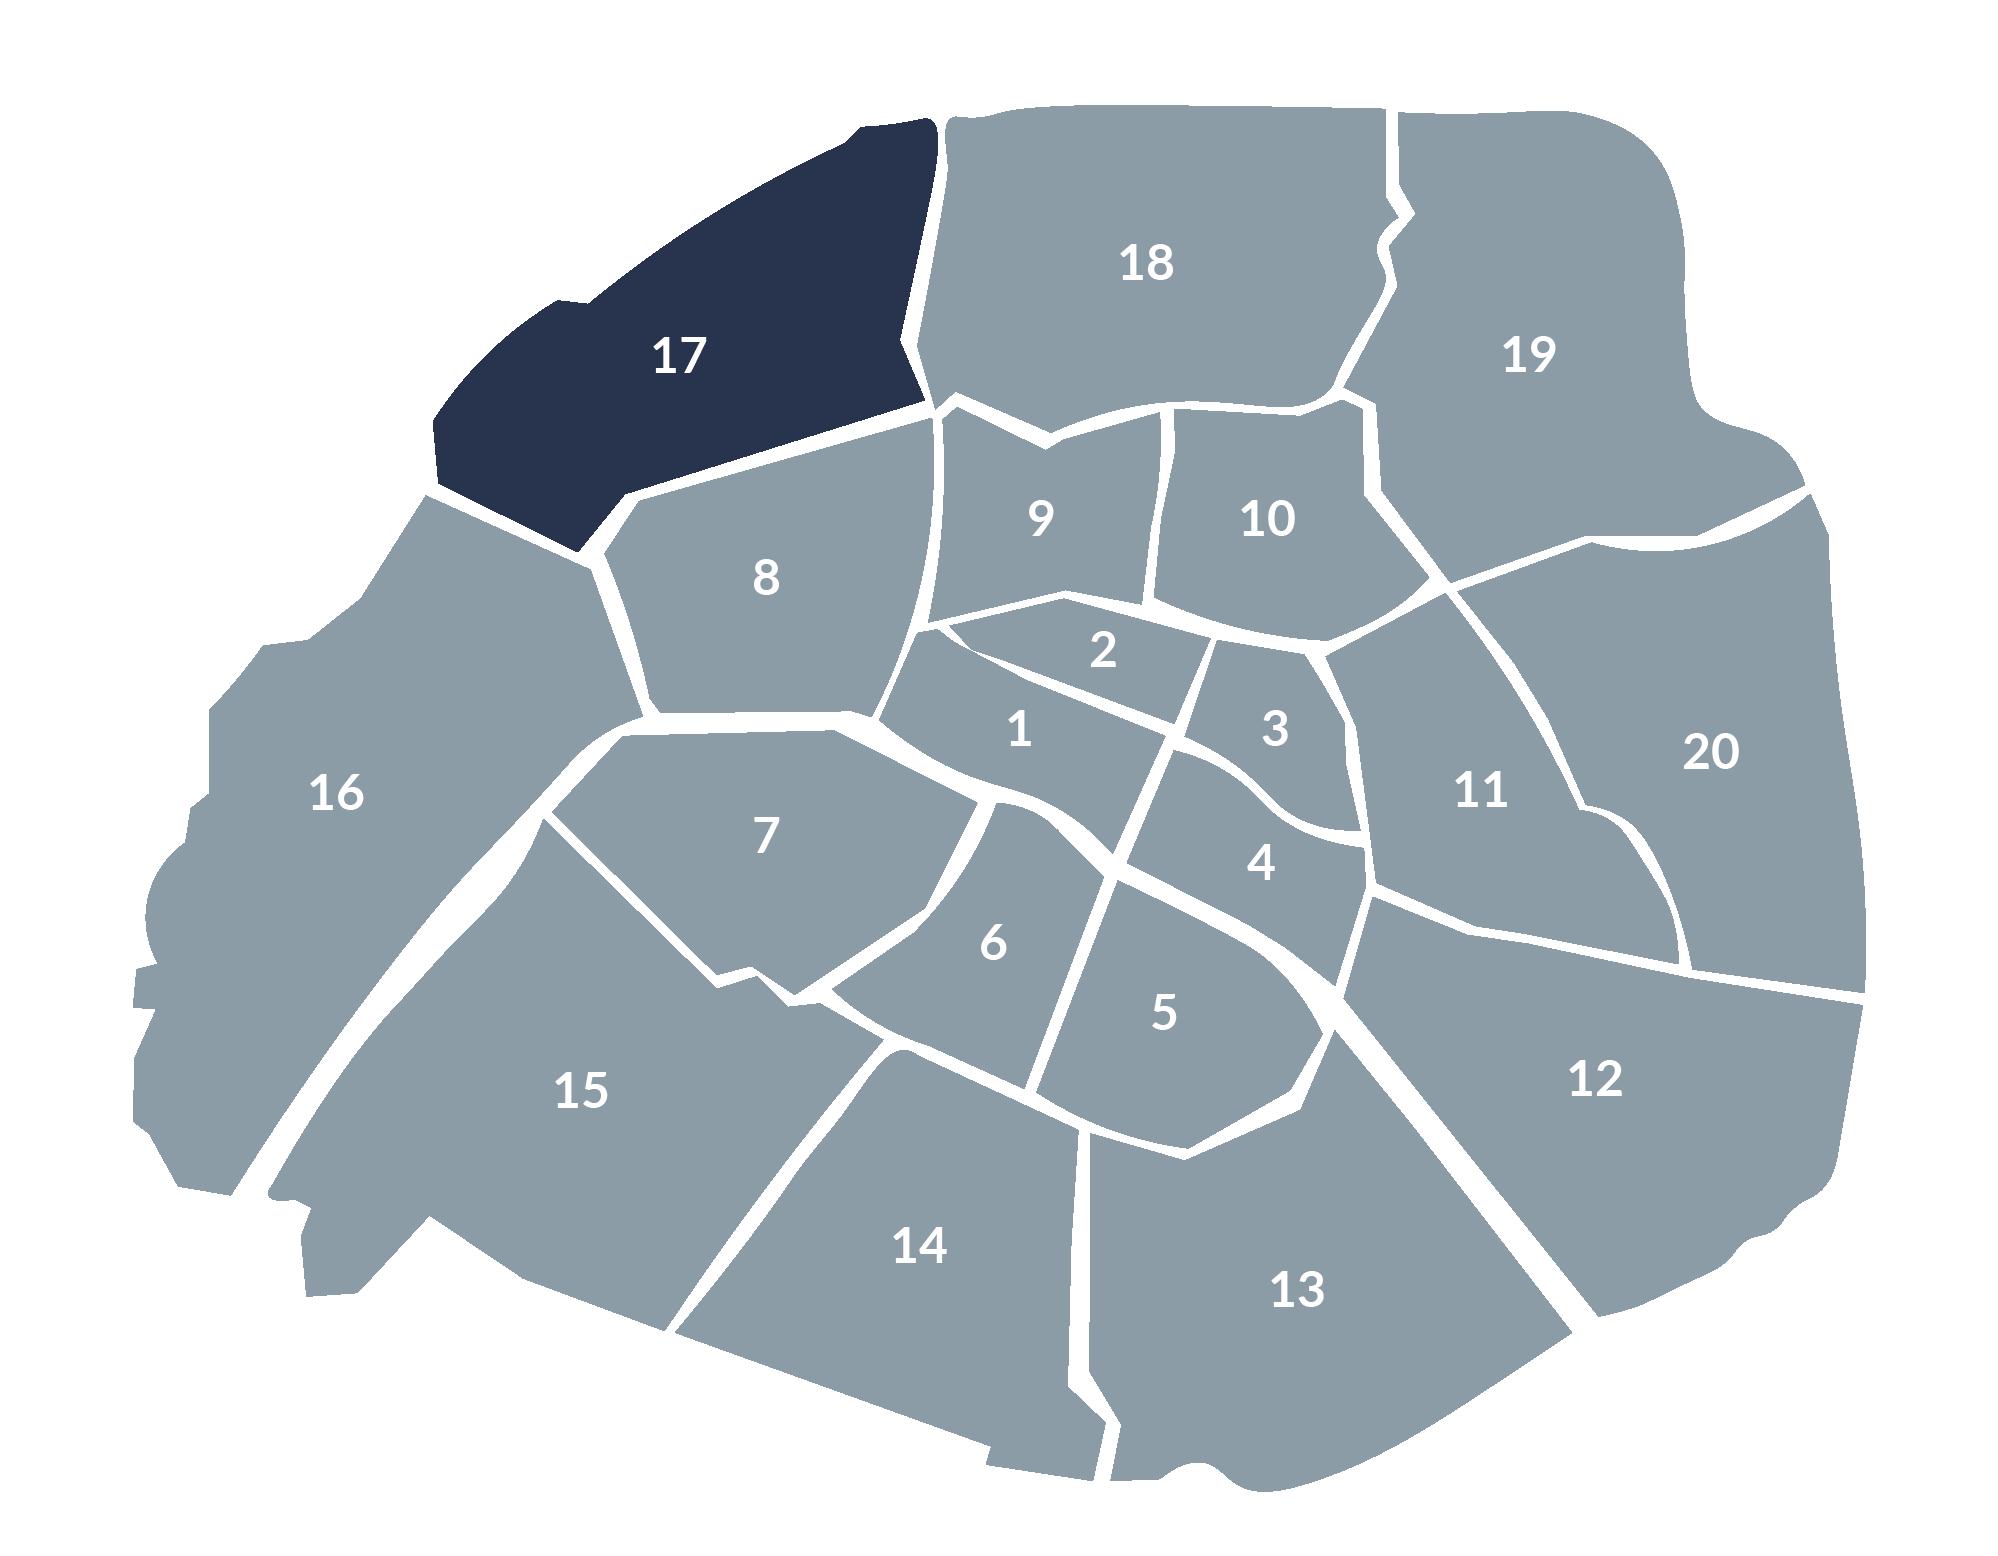 carte paris 17e arrondissement